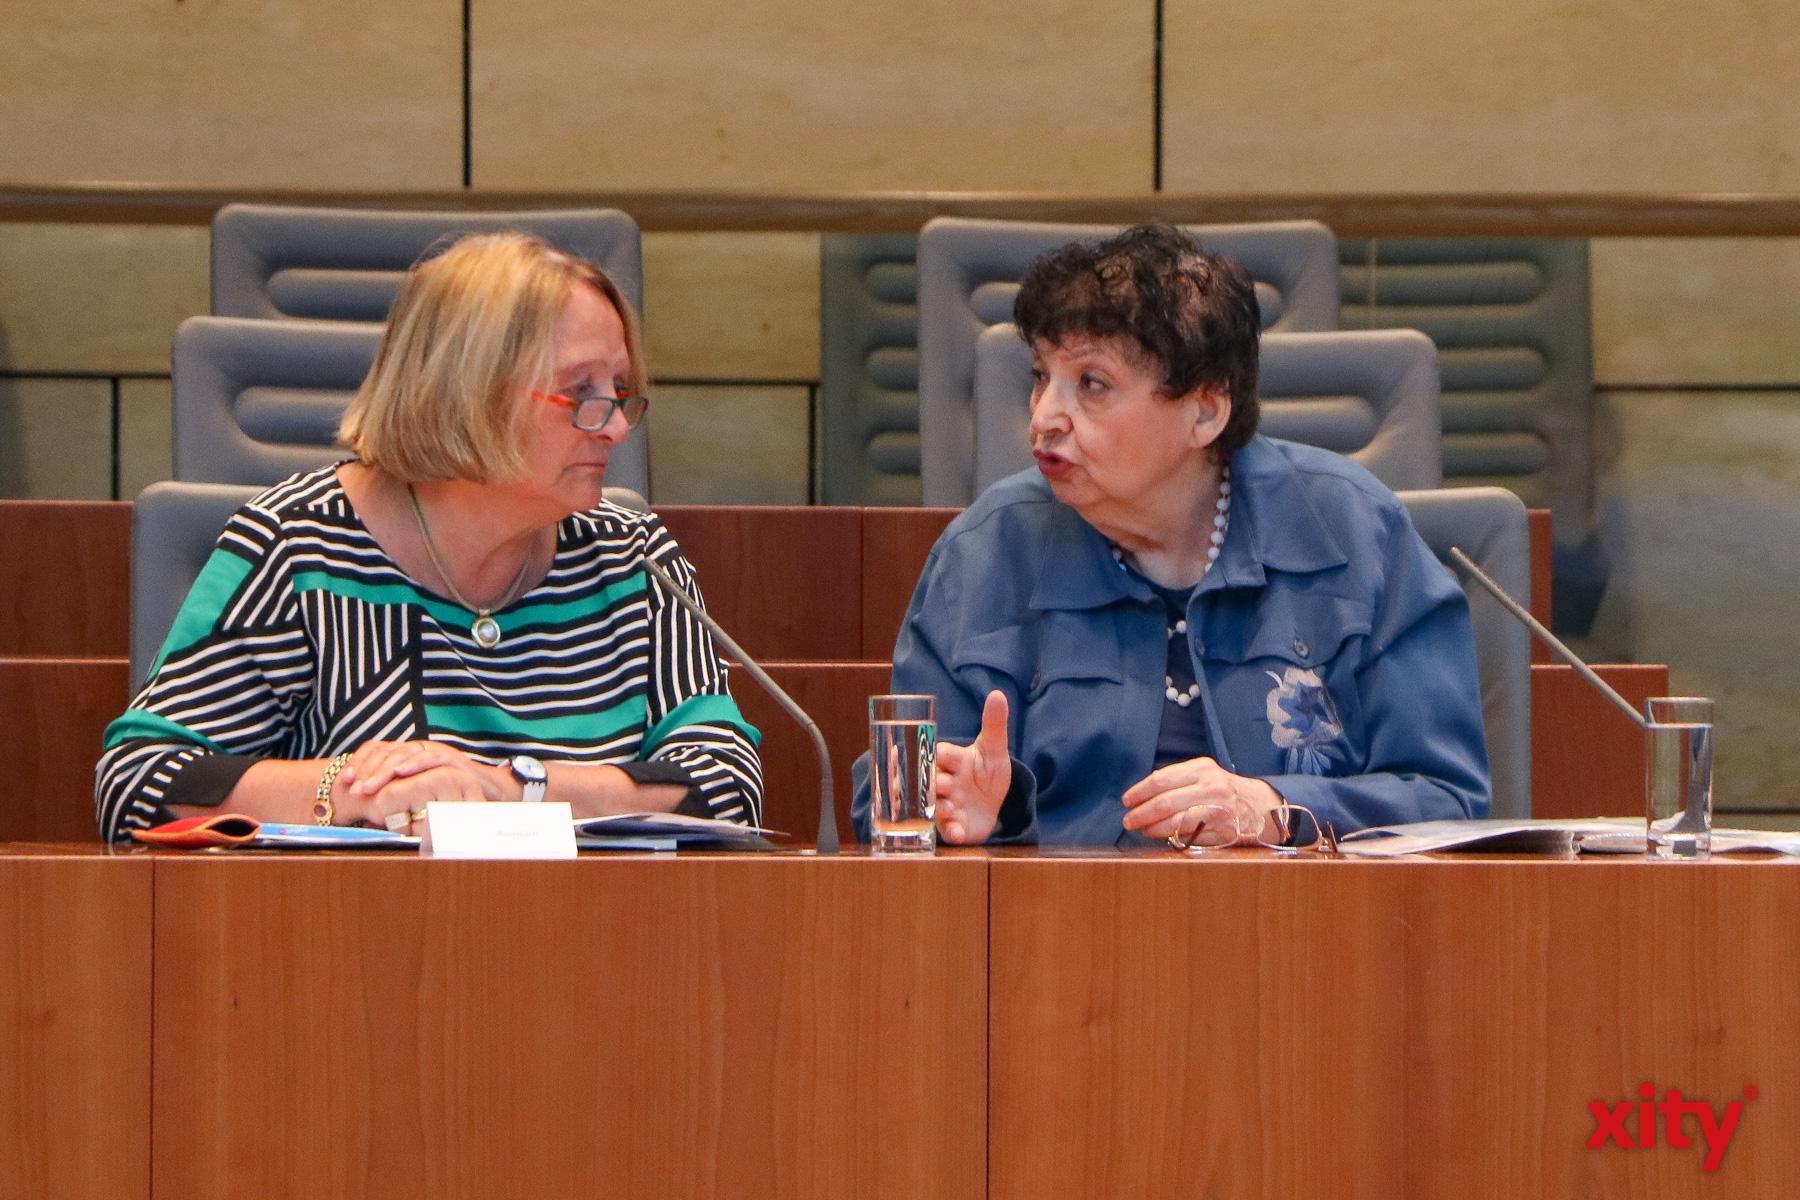 Antisemitismusbeauftrage Sabine Leutheusser-Schnarrenberger (l.) und Inge Auerbacher (Foto: xity)